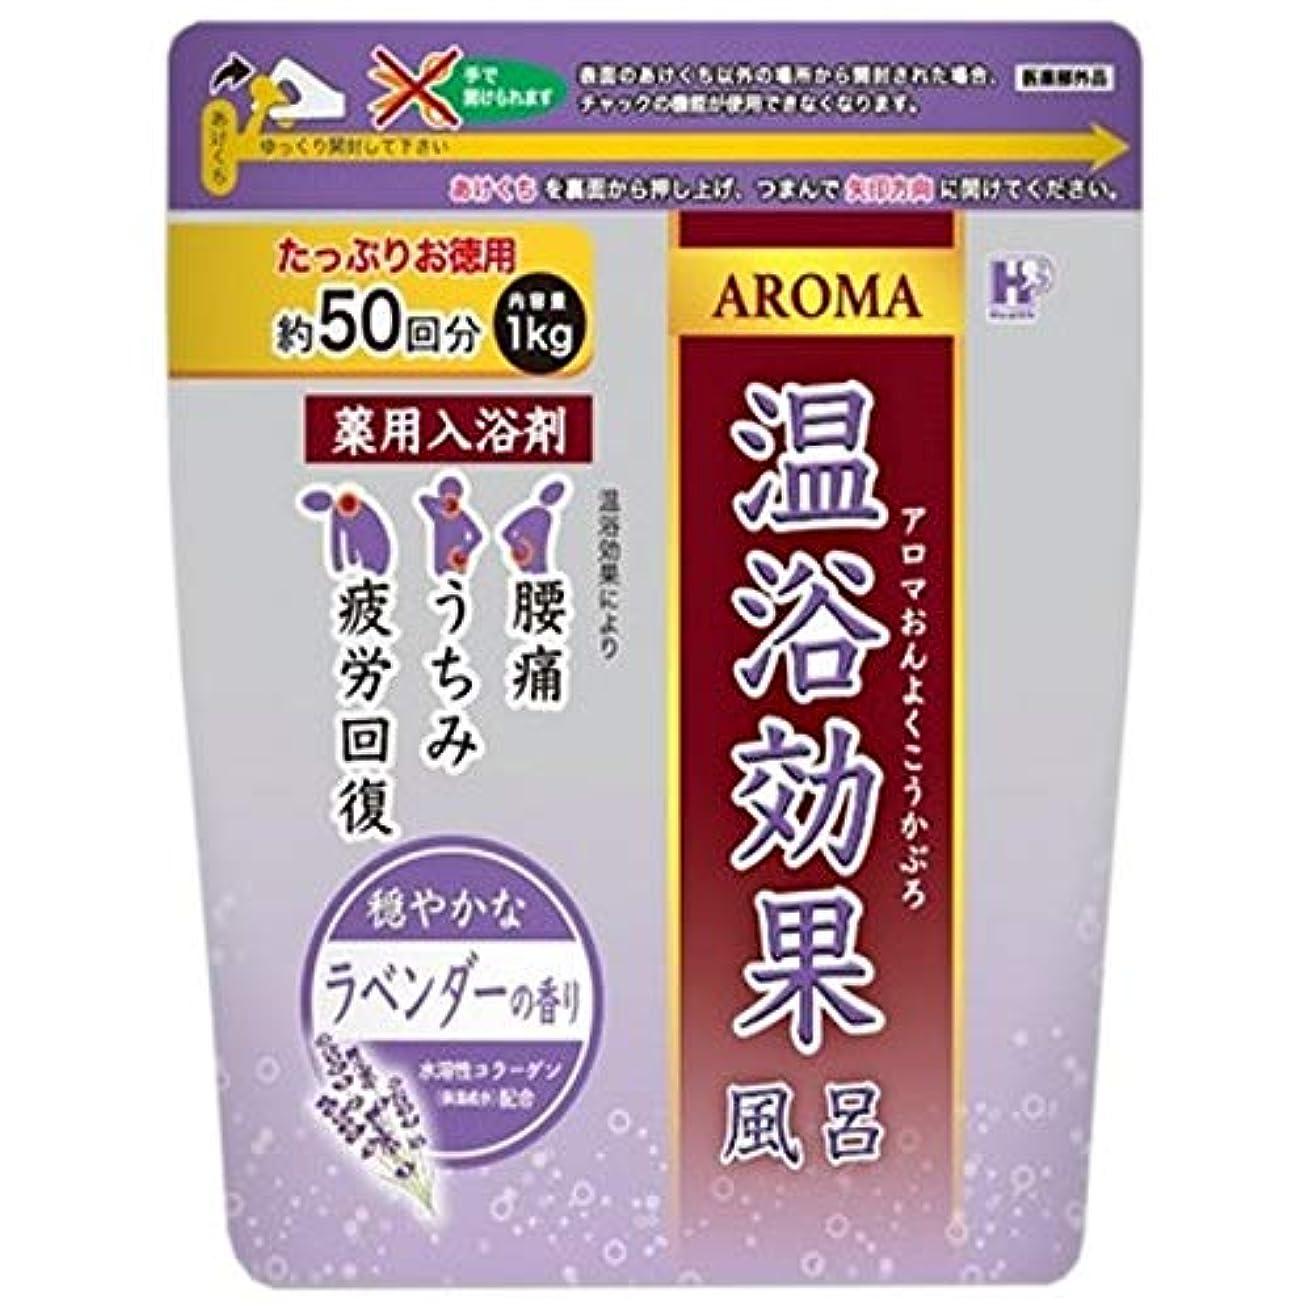 欠如有限錫薬用入浴剤 アロマ温浴効果風呂 ラベンダー 1kg×10袋入